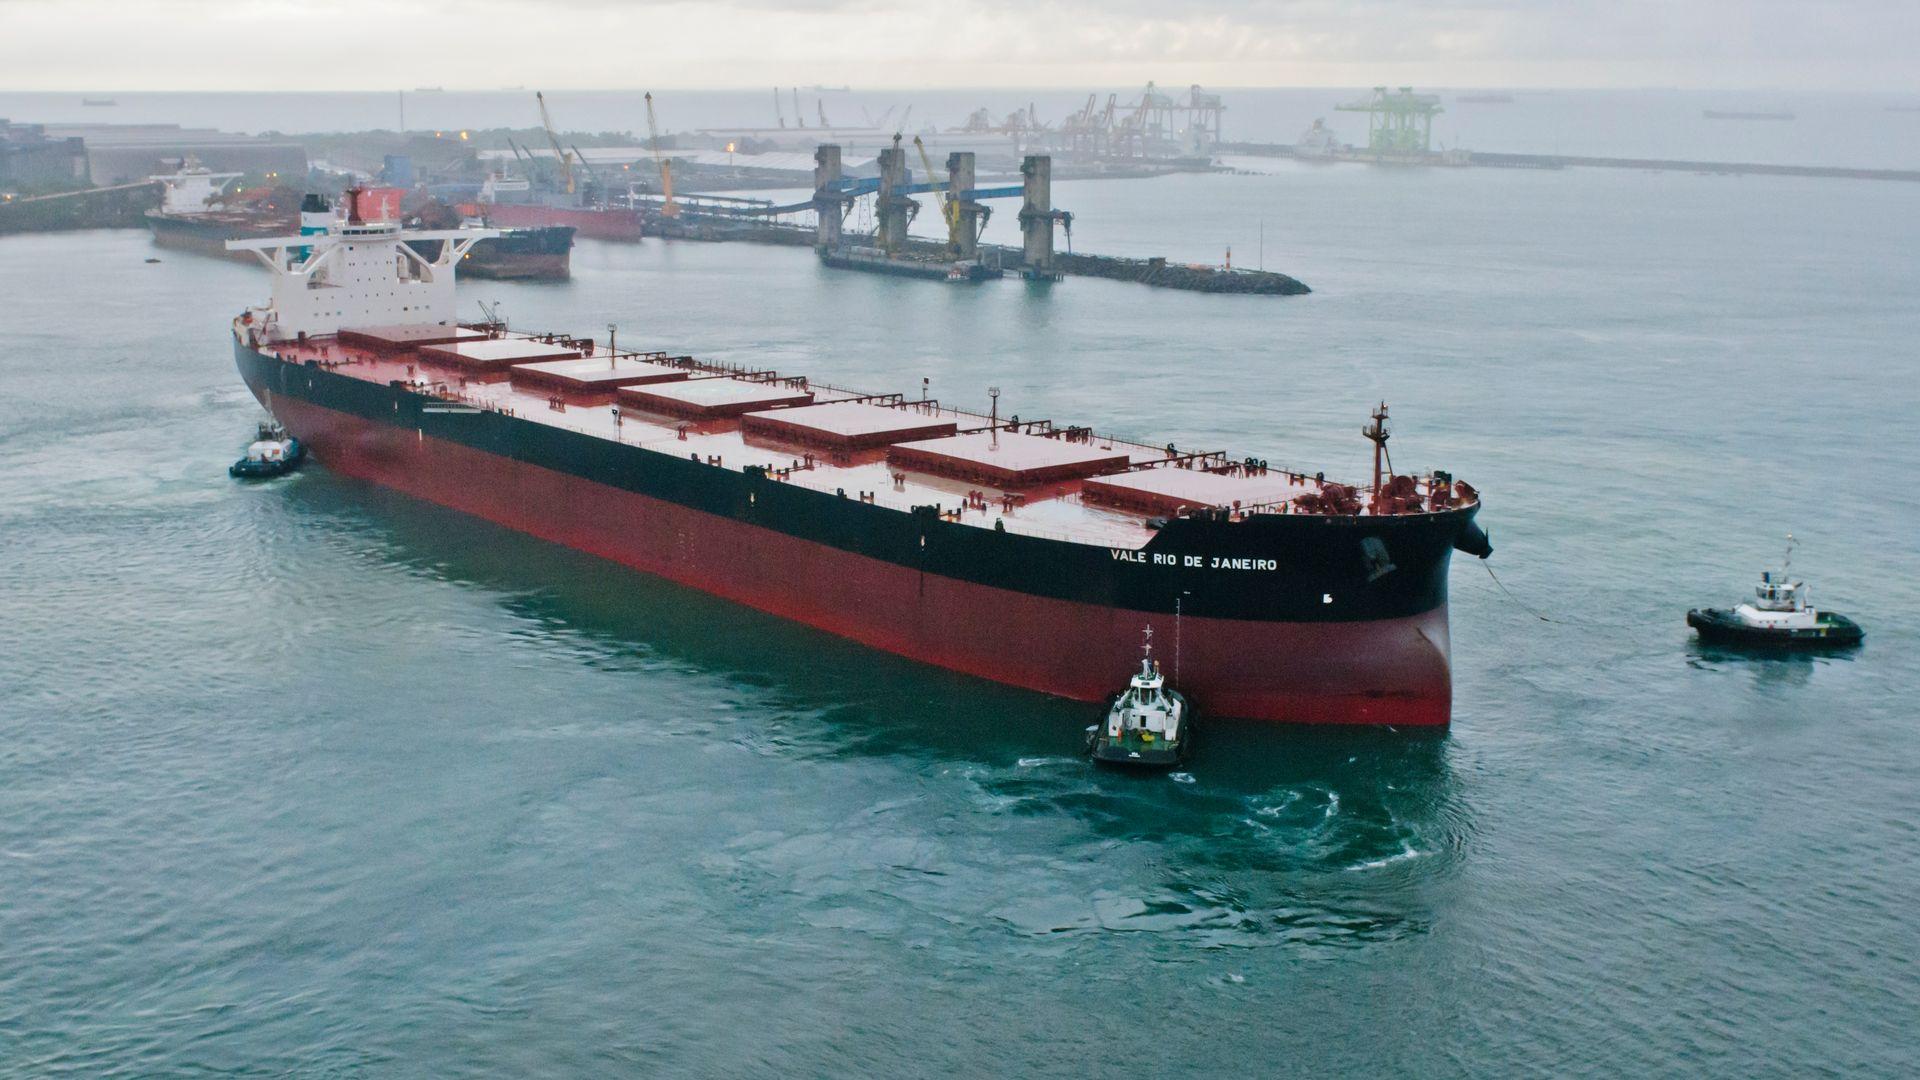 Porto de Tubarão recebendo a embarcação Rio de Janeiro, uma das maiores classes de navios mineraleiros do mundo.